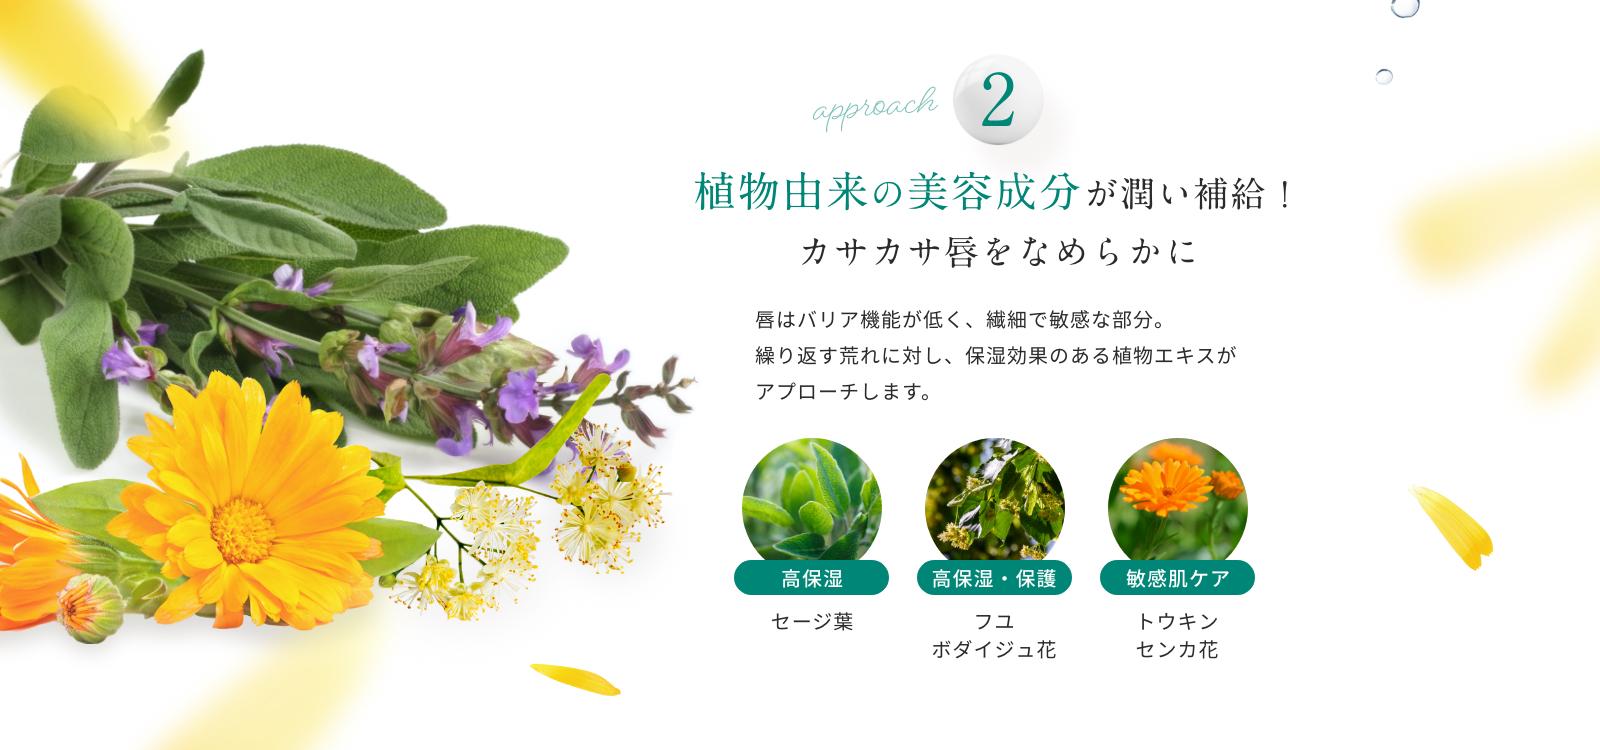 植物由来の美容成分が潤い補給